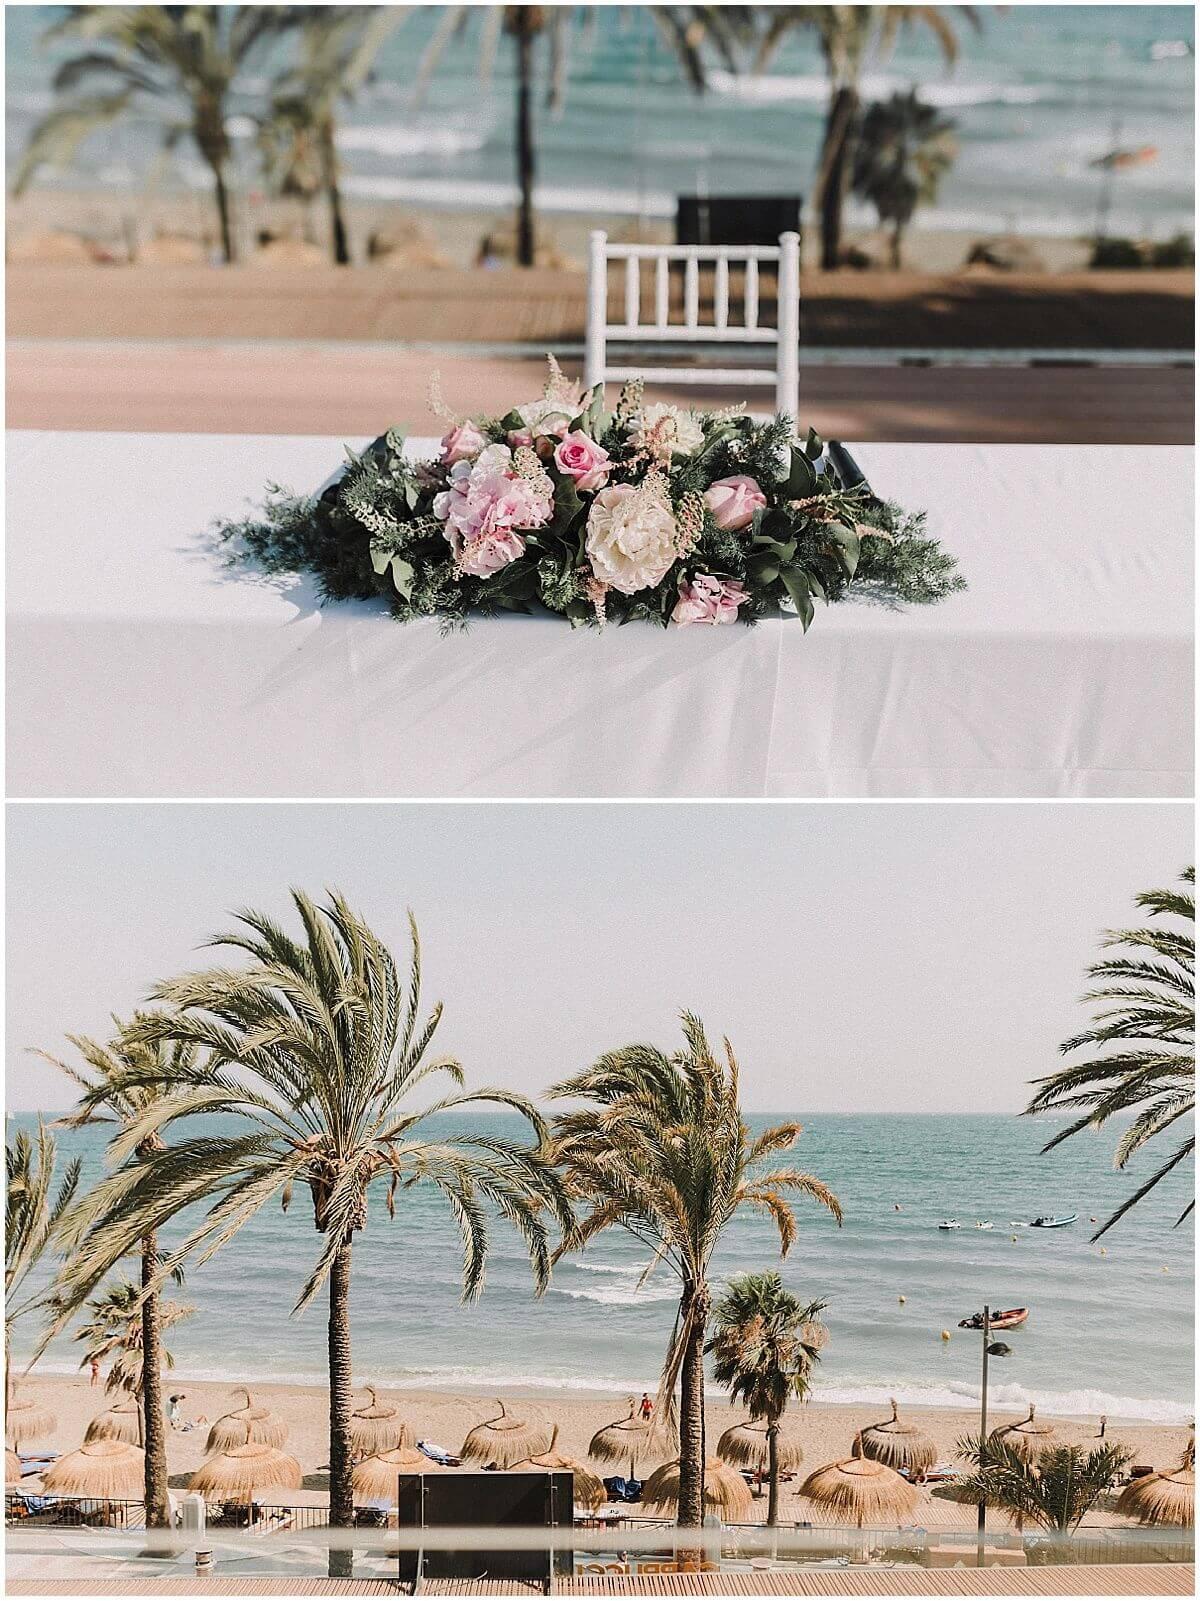 boda-en-el-hotel-melia-gran-pepe-marbella